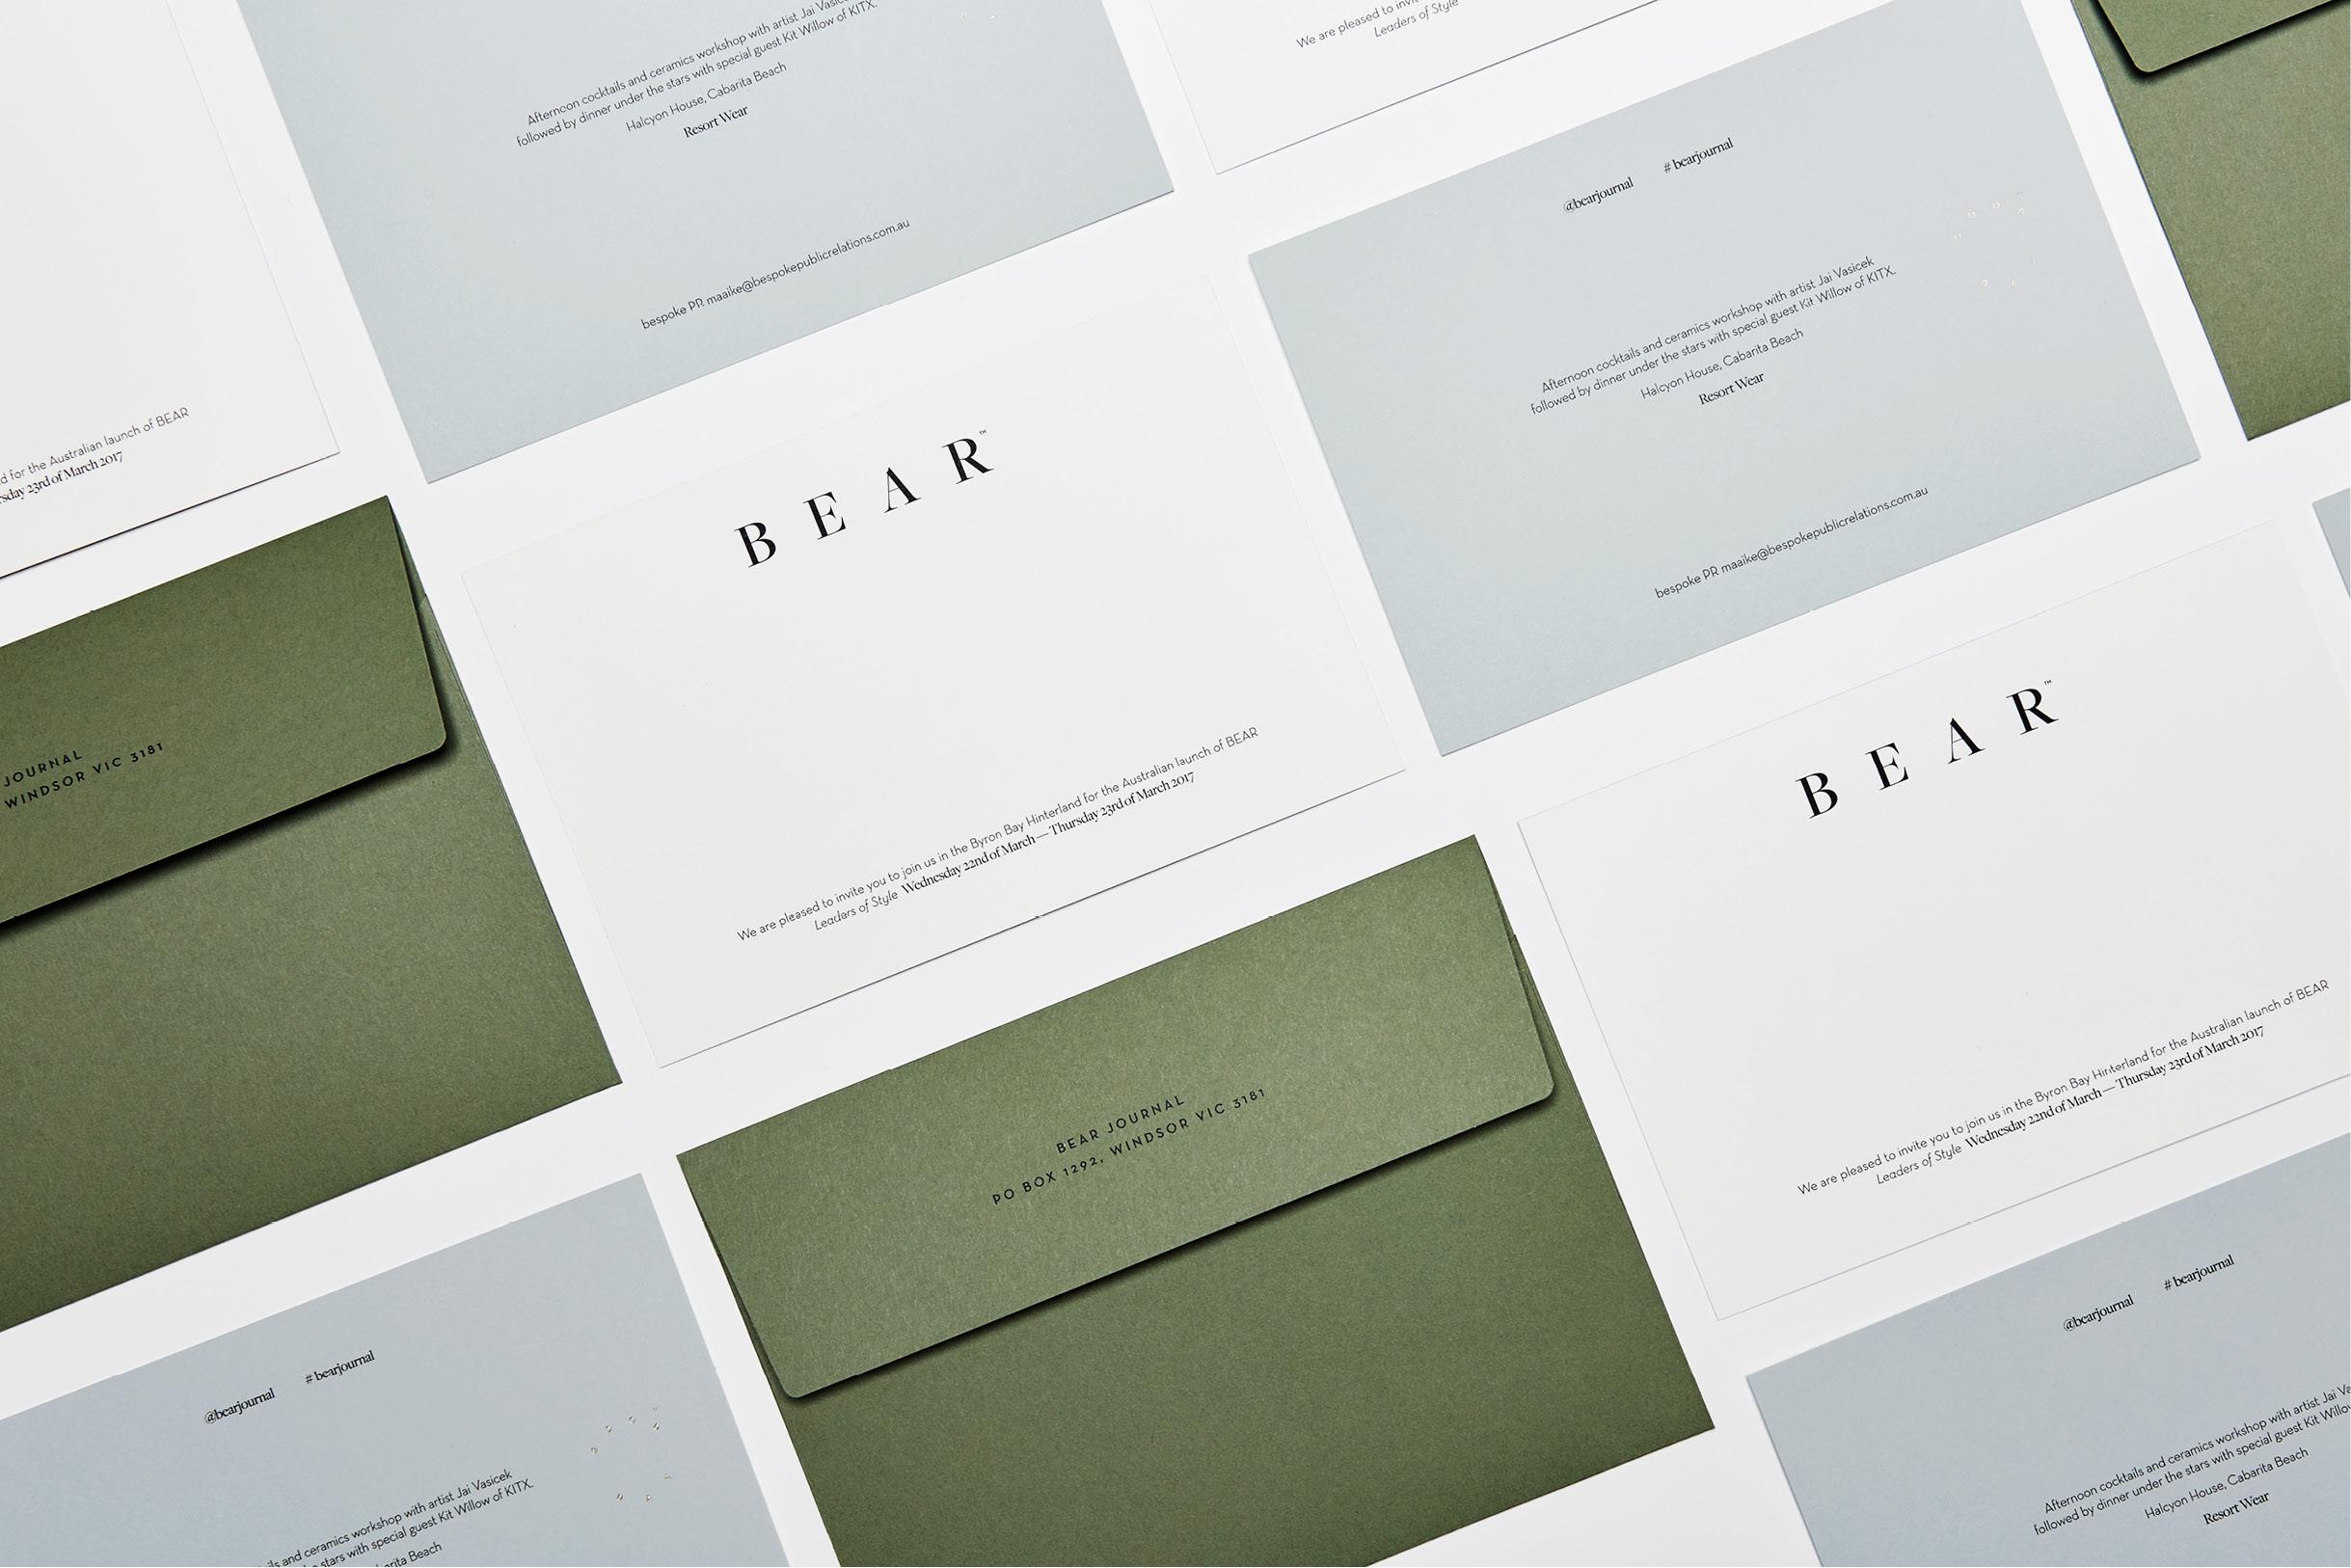 BEAR Ltd.